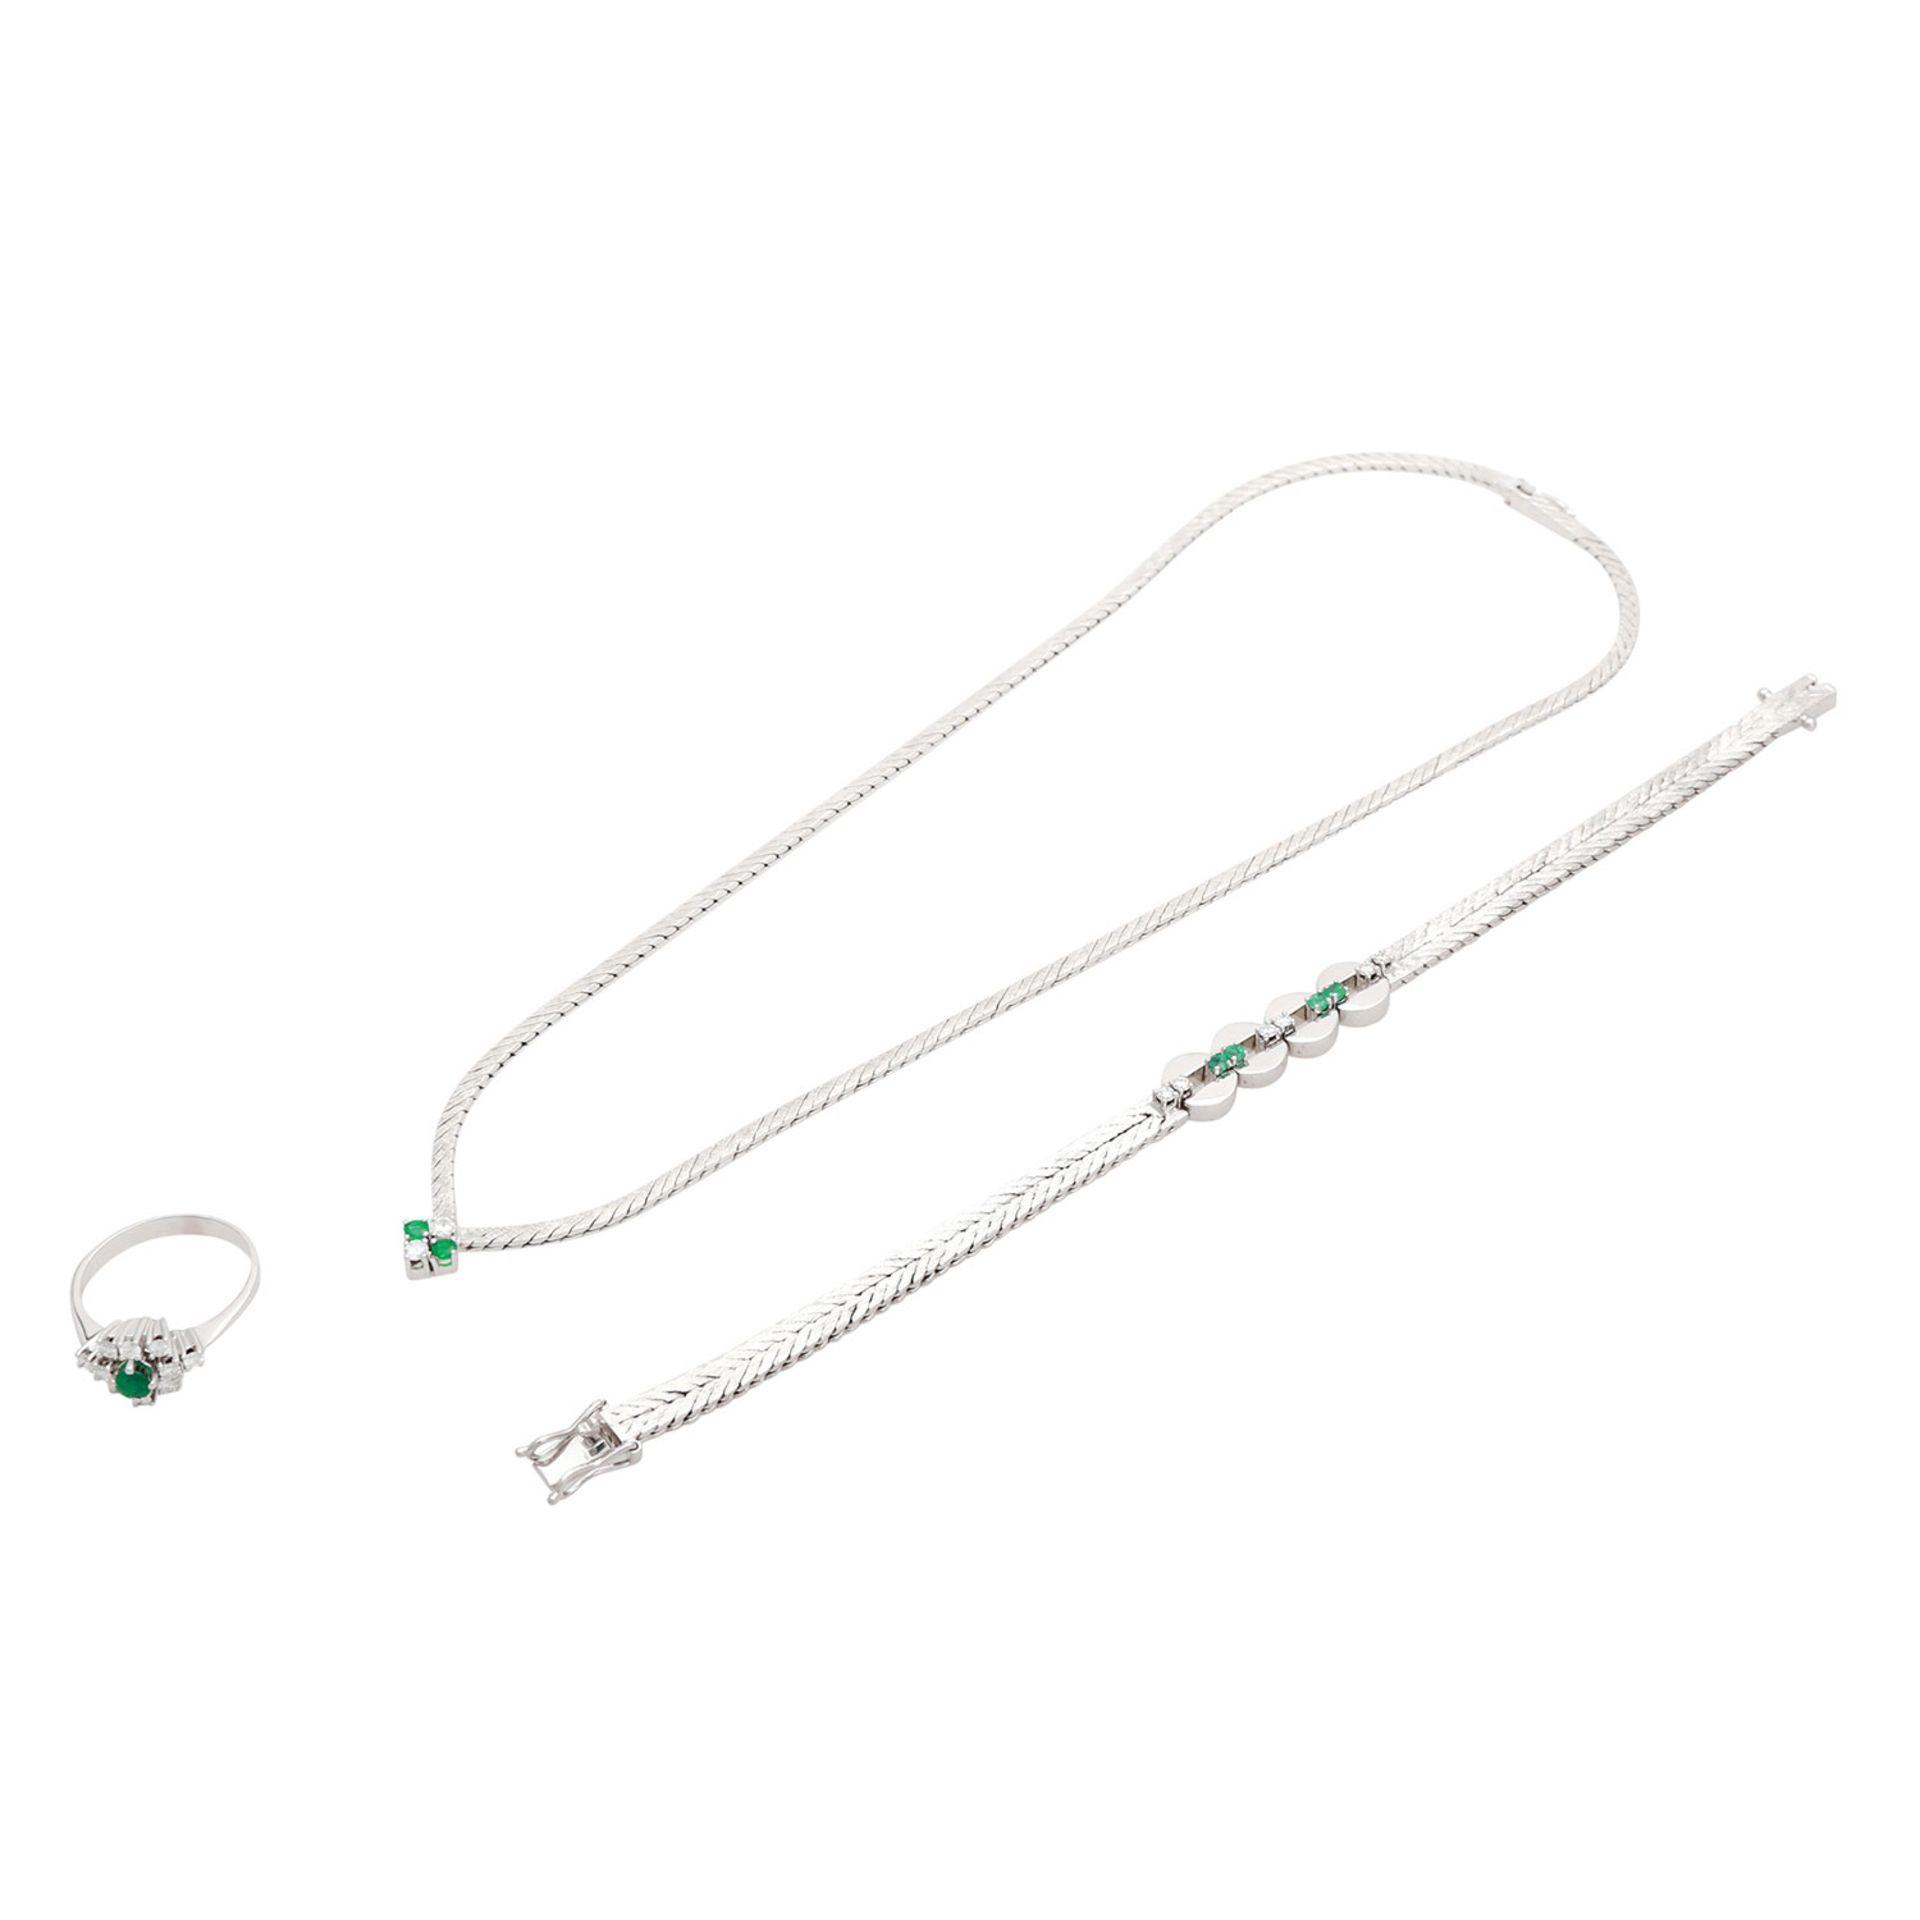 Los 15 - Schmuckkonvolut 3-teilig, Händlerkonvolut bestehend aus 1 Collier, 1 Armband, 1 Ring, WG 14K, mit